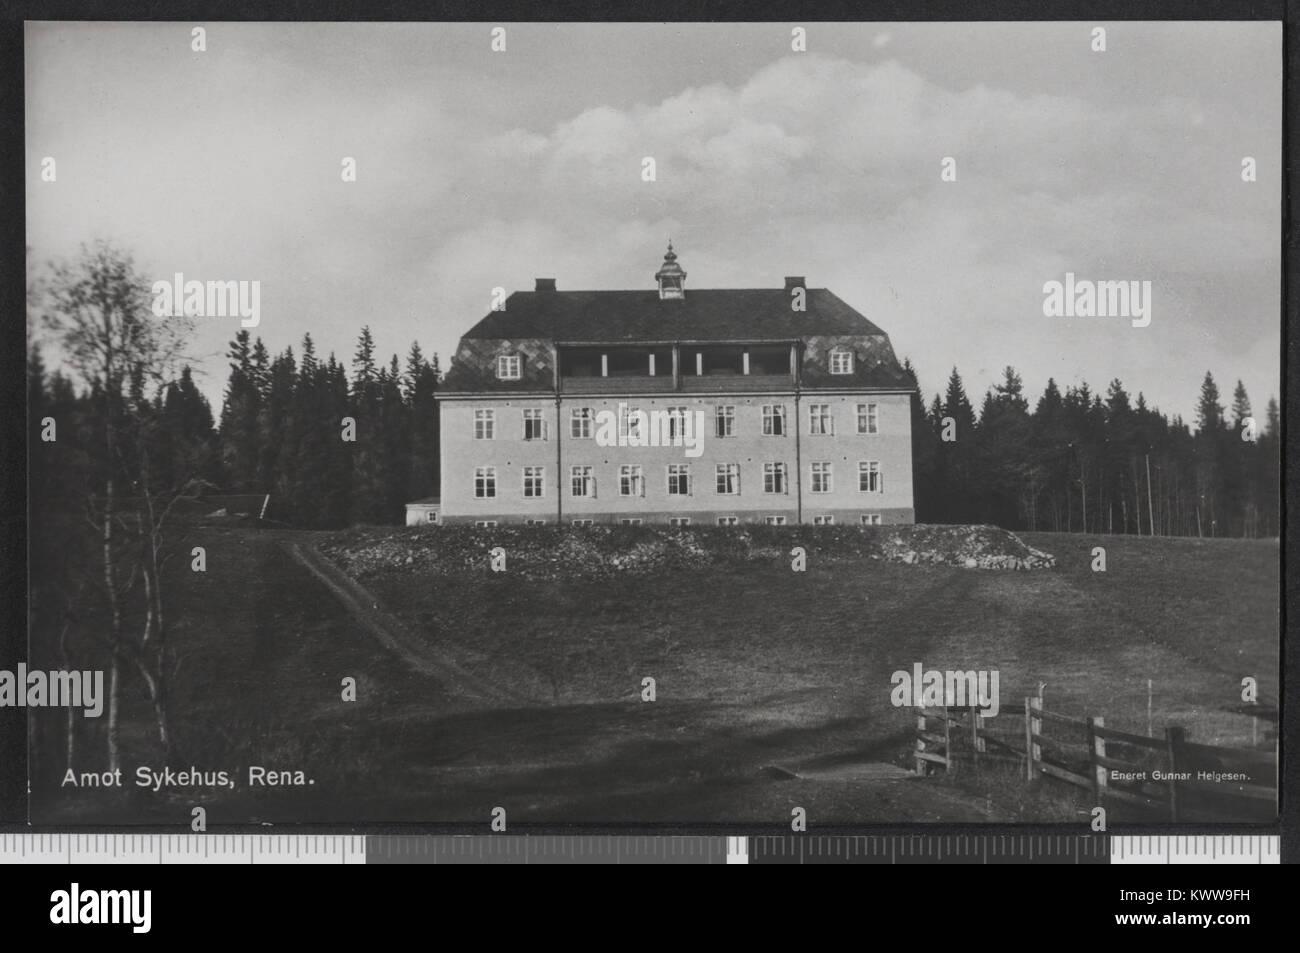 Åmot Sykehus, Rena - no-nb digifoto bldsa PK30011 00088 20150810 Foto de stock